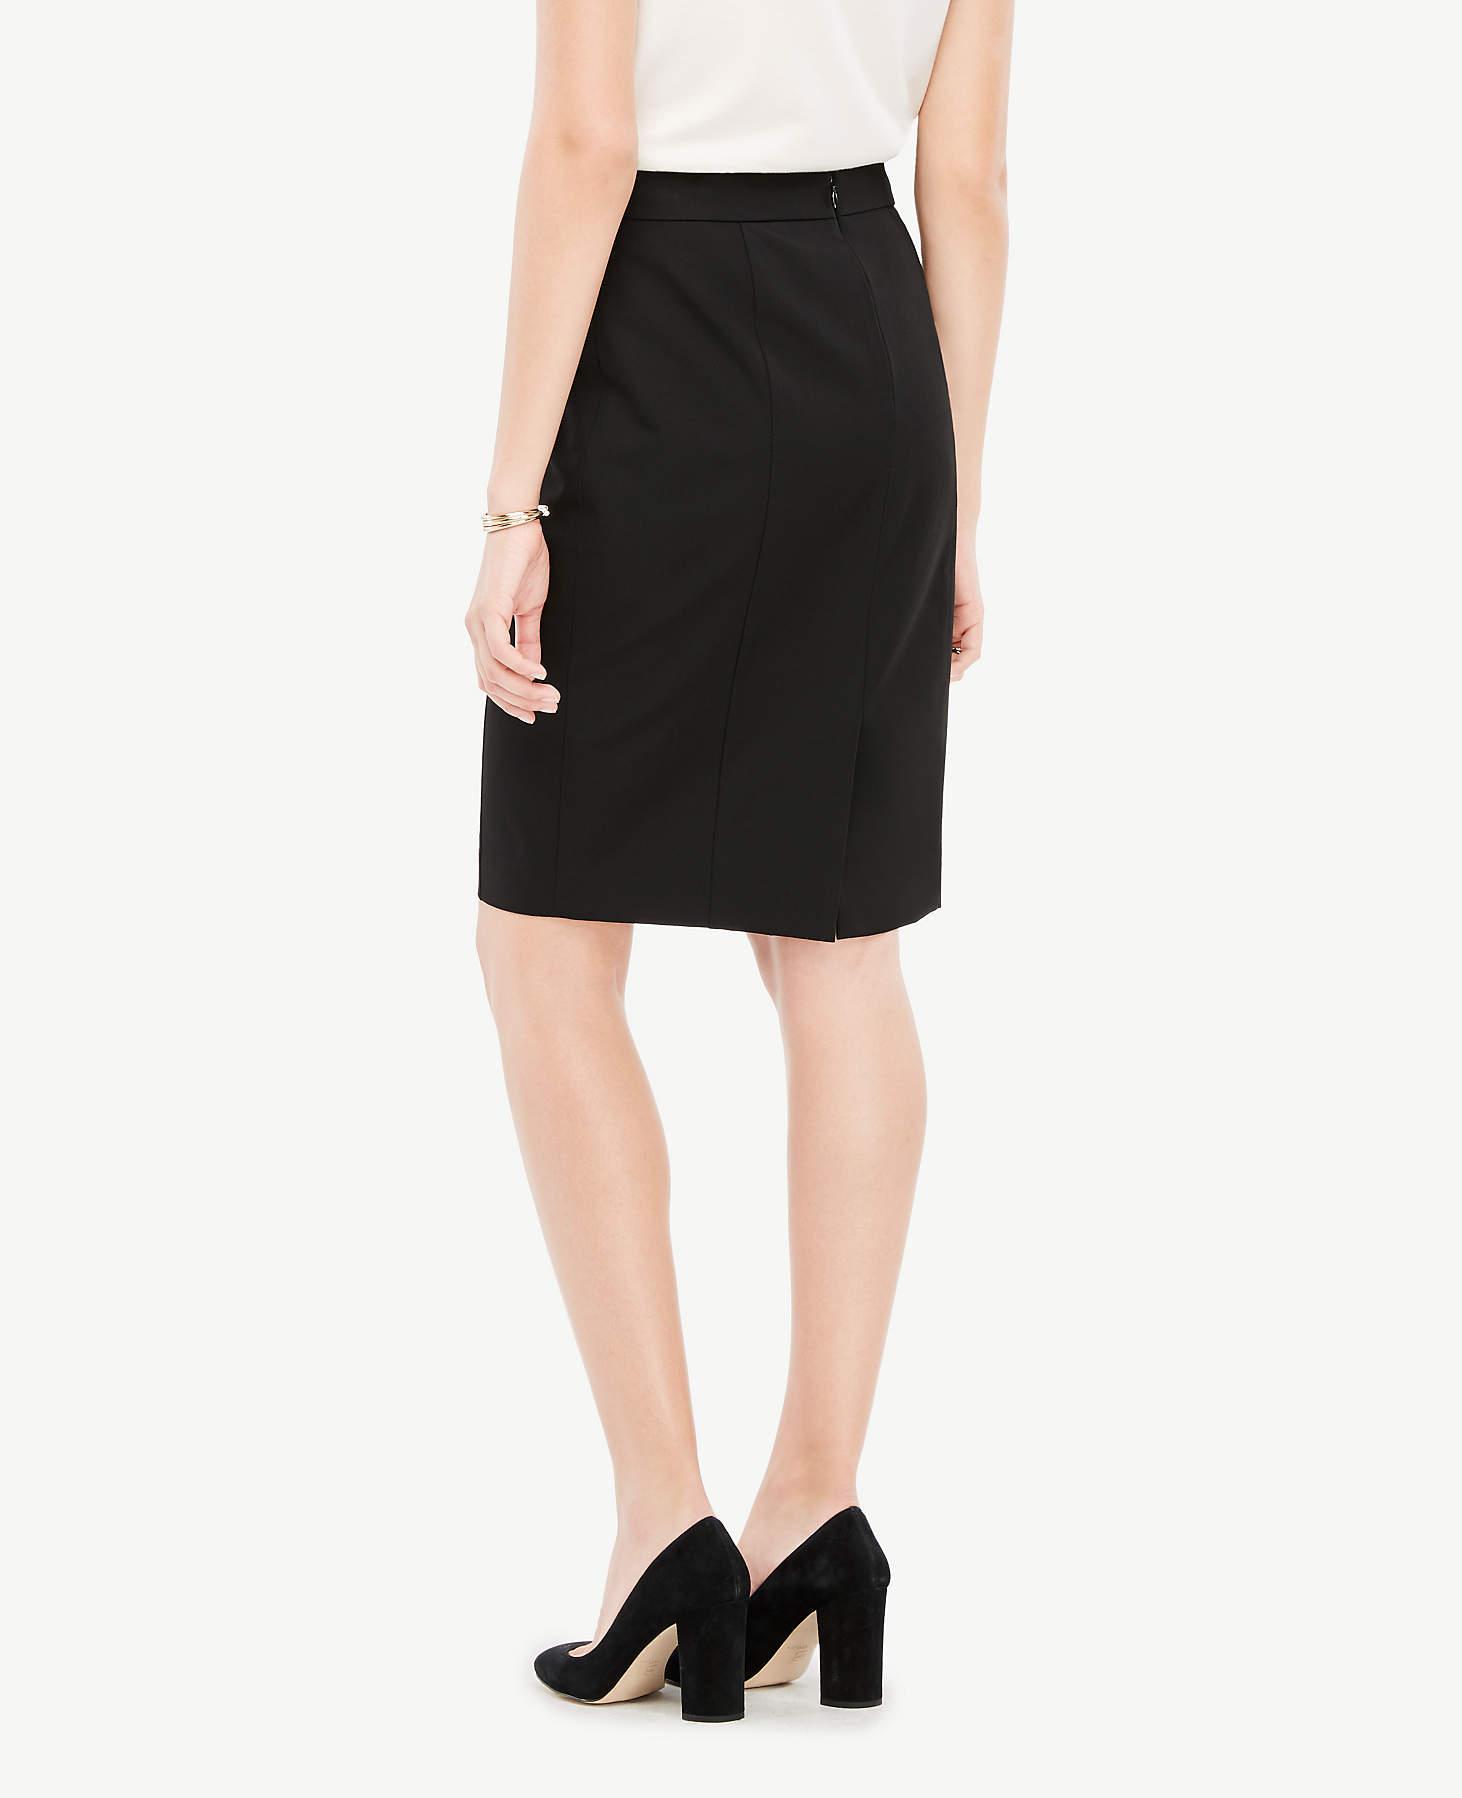 84db30d19 Ann Taylor Curvy All-season Stretch Seamed Pencil Skirt in Black - Lyst